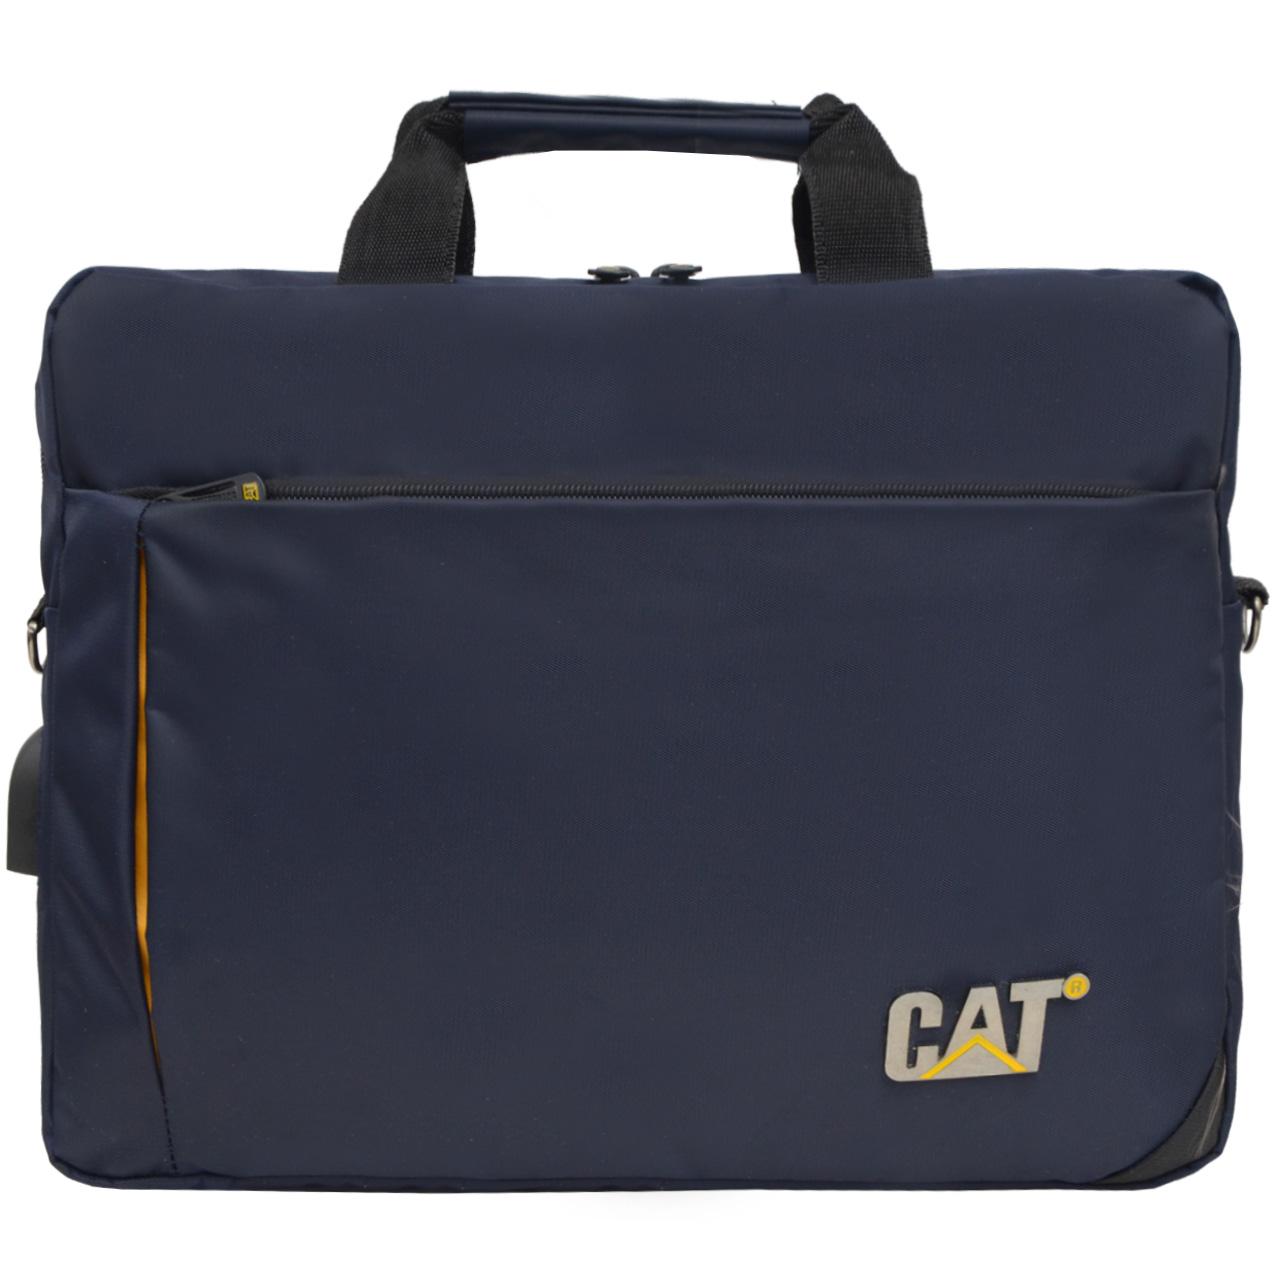 بررسی و {خرید با تخفیف} کیف لپ تاپ کد CA 400081 - 22 مناسب برای لپ تاپ 15.6 اینچی غیر اصلاصل